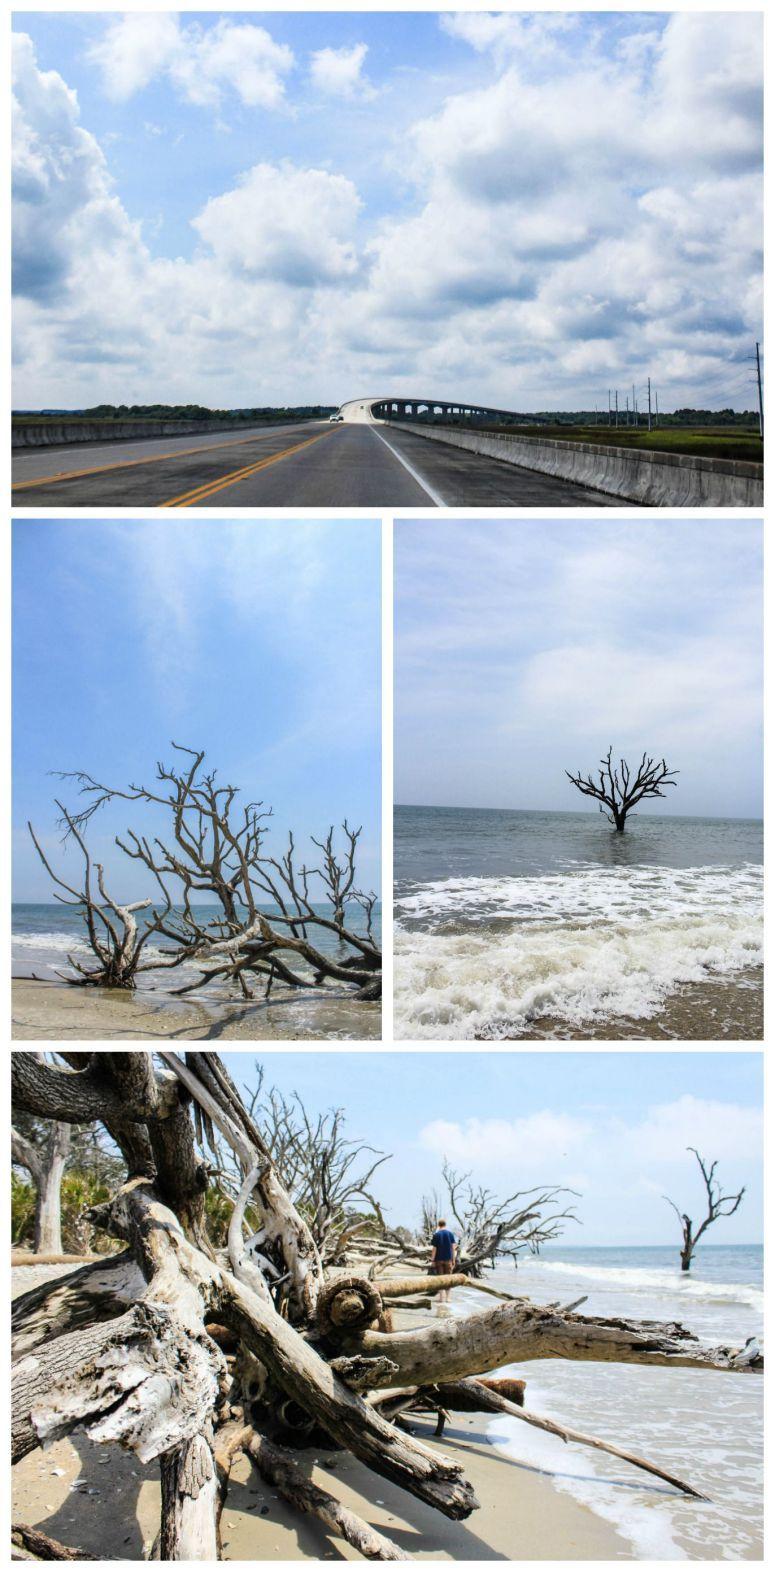 Botany Bay Botany bay, Edisto island, South carolina beaches